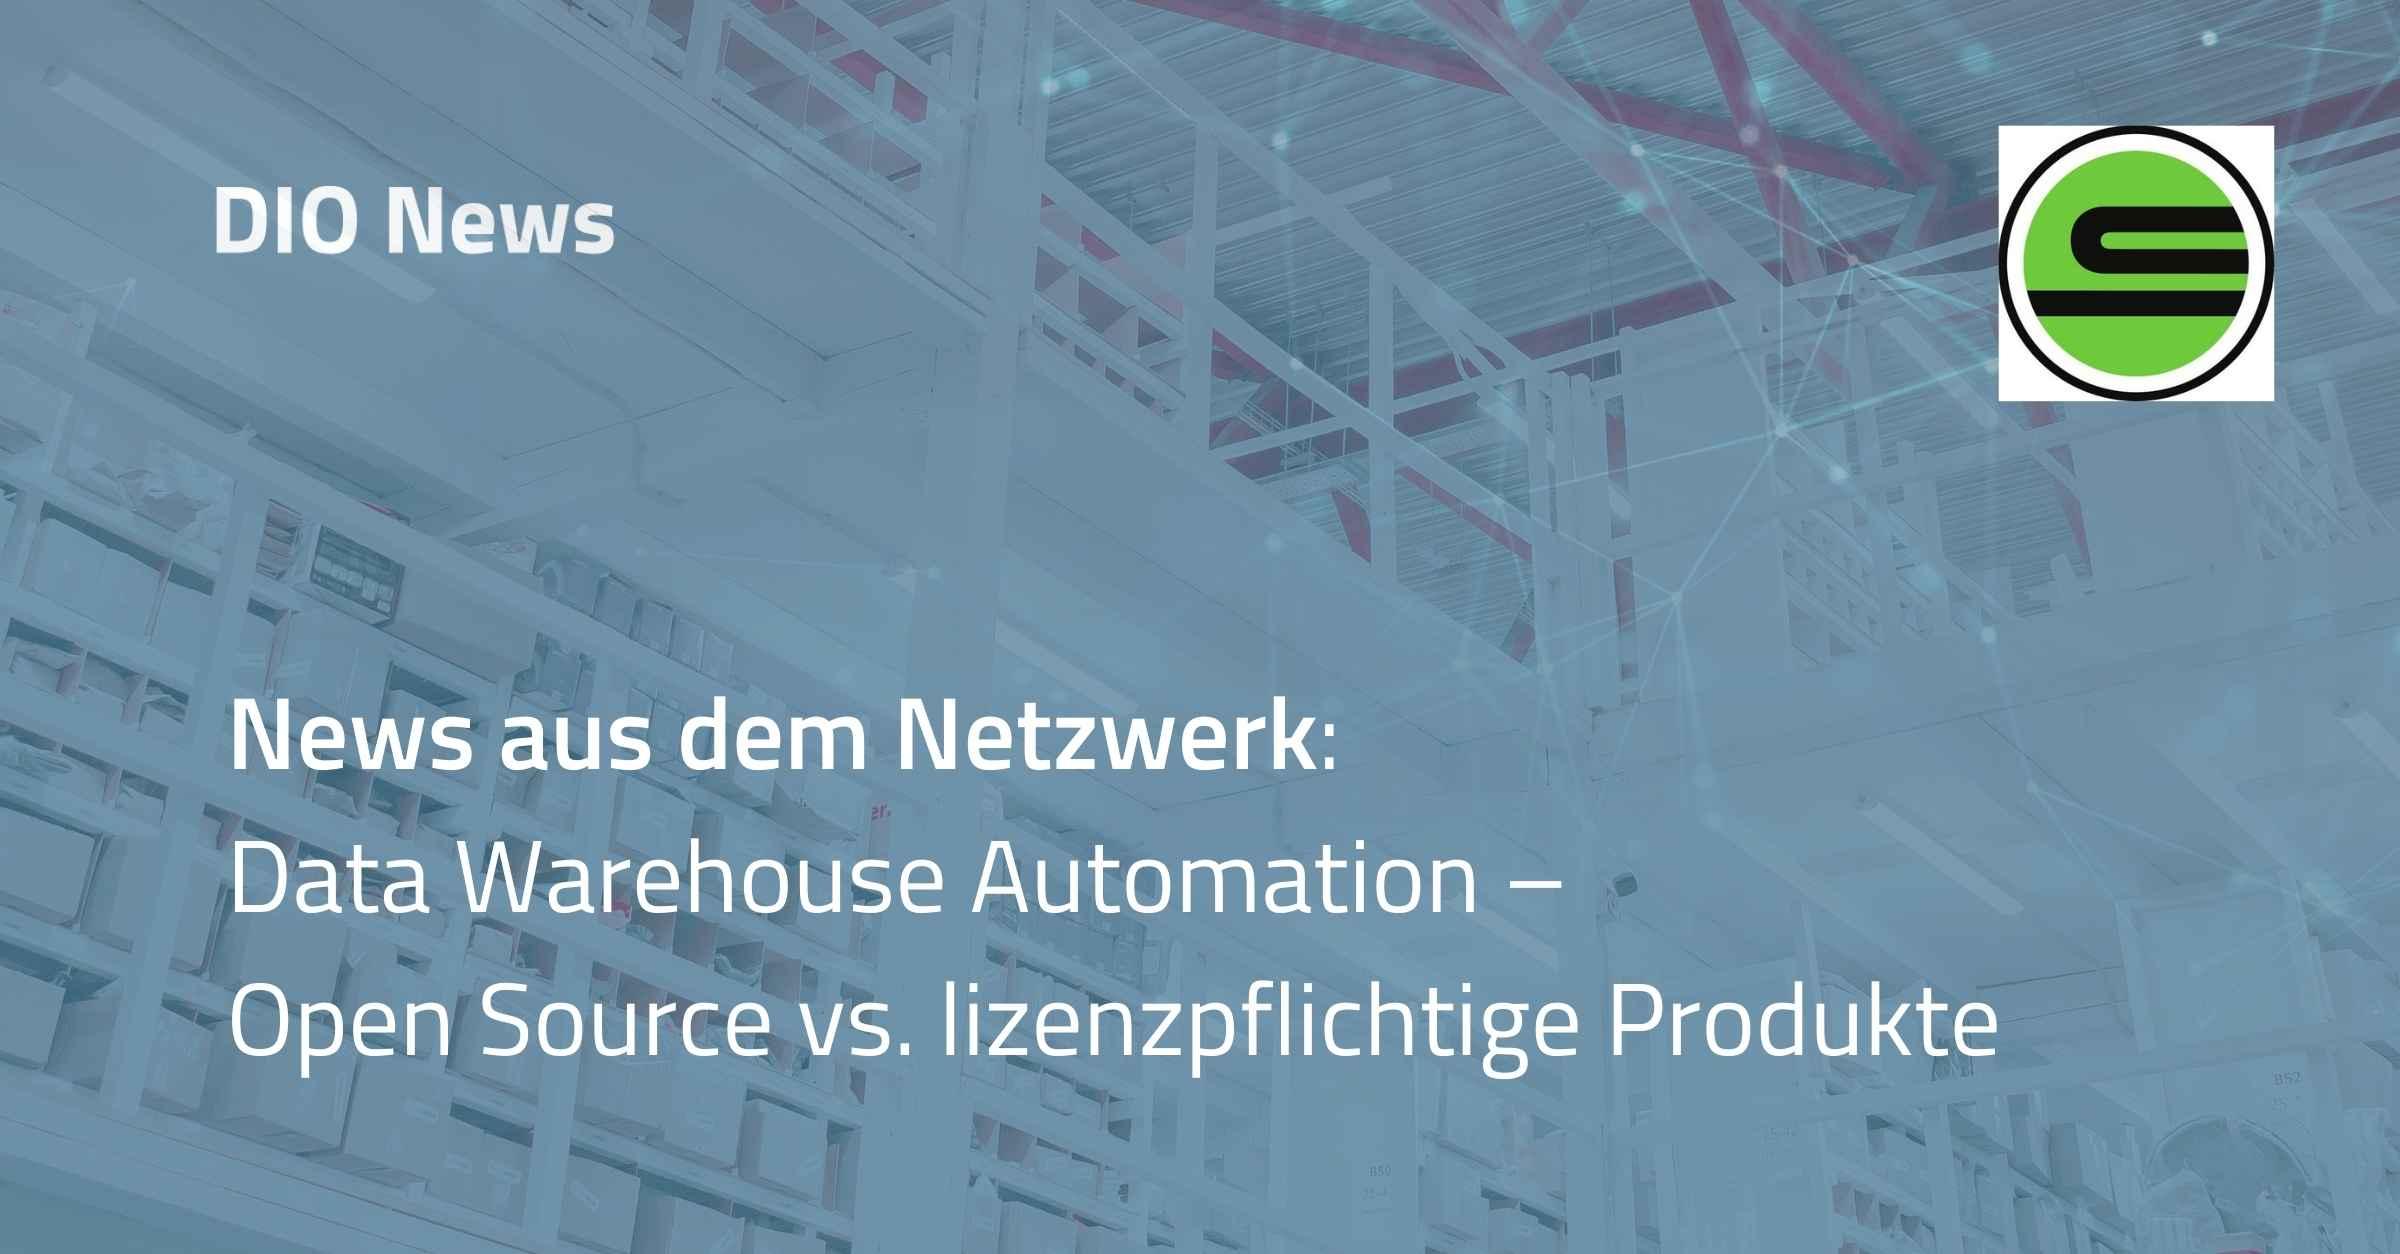 News aus dem Netzwerk: Data Warehouse Automation – Open Source vs. lizenzpflichtige Produkte